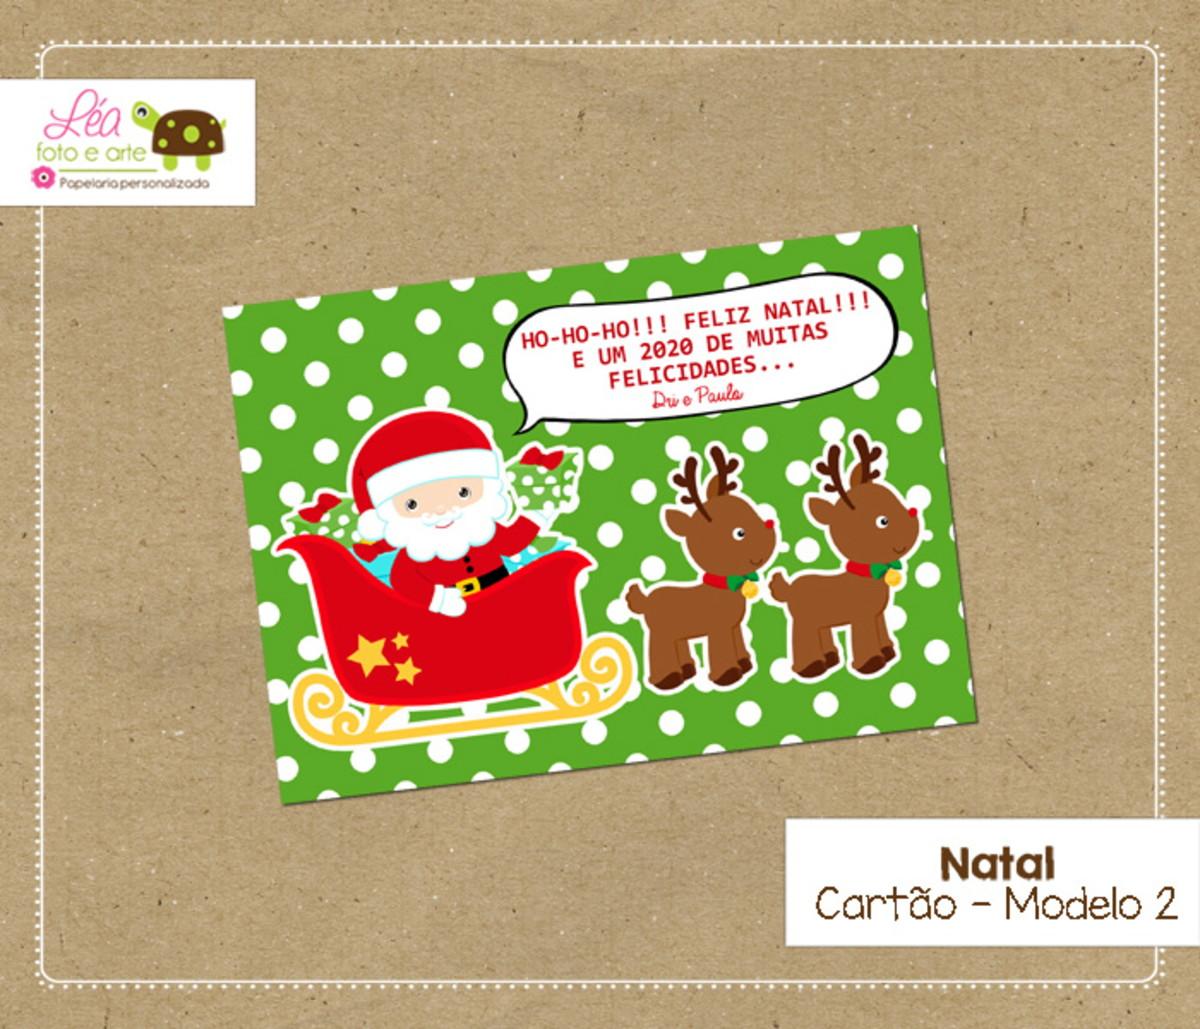 Cartao De Natal No Elo7 Lea Foto E Arte 491b76